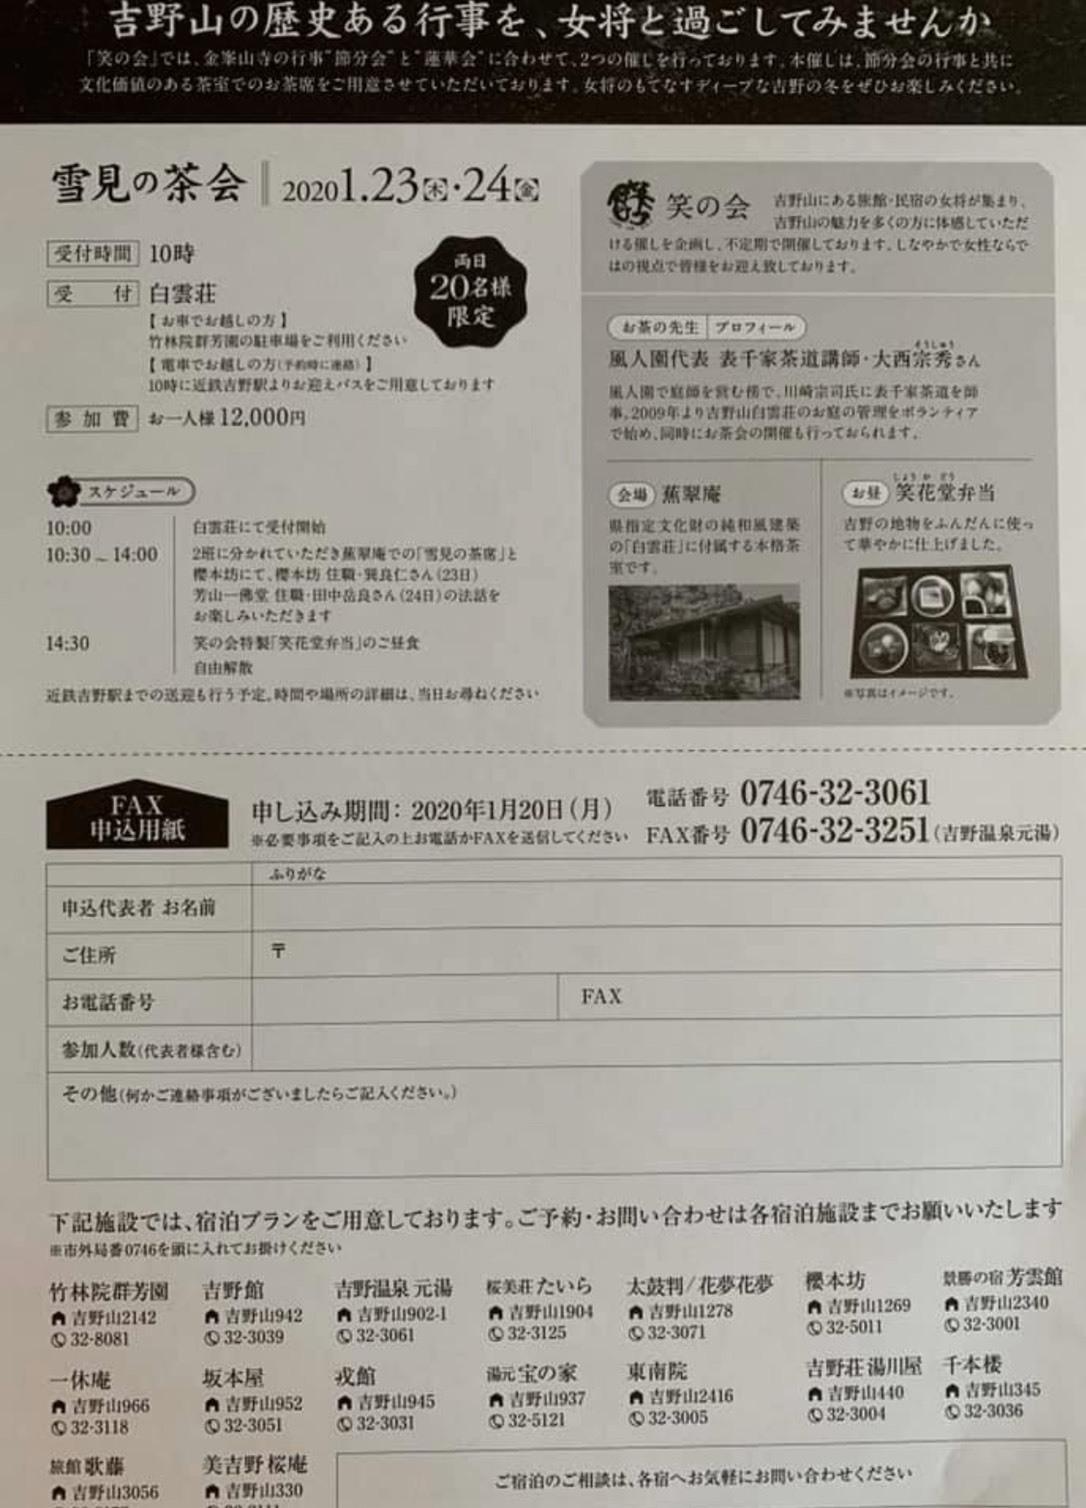 吉野山 笑の会 冬の催し お知らせ★_e0154524_19115731.jpg